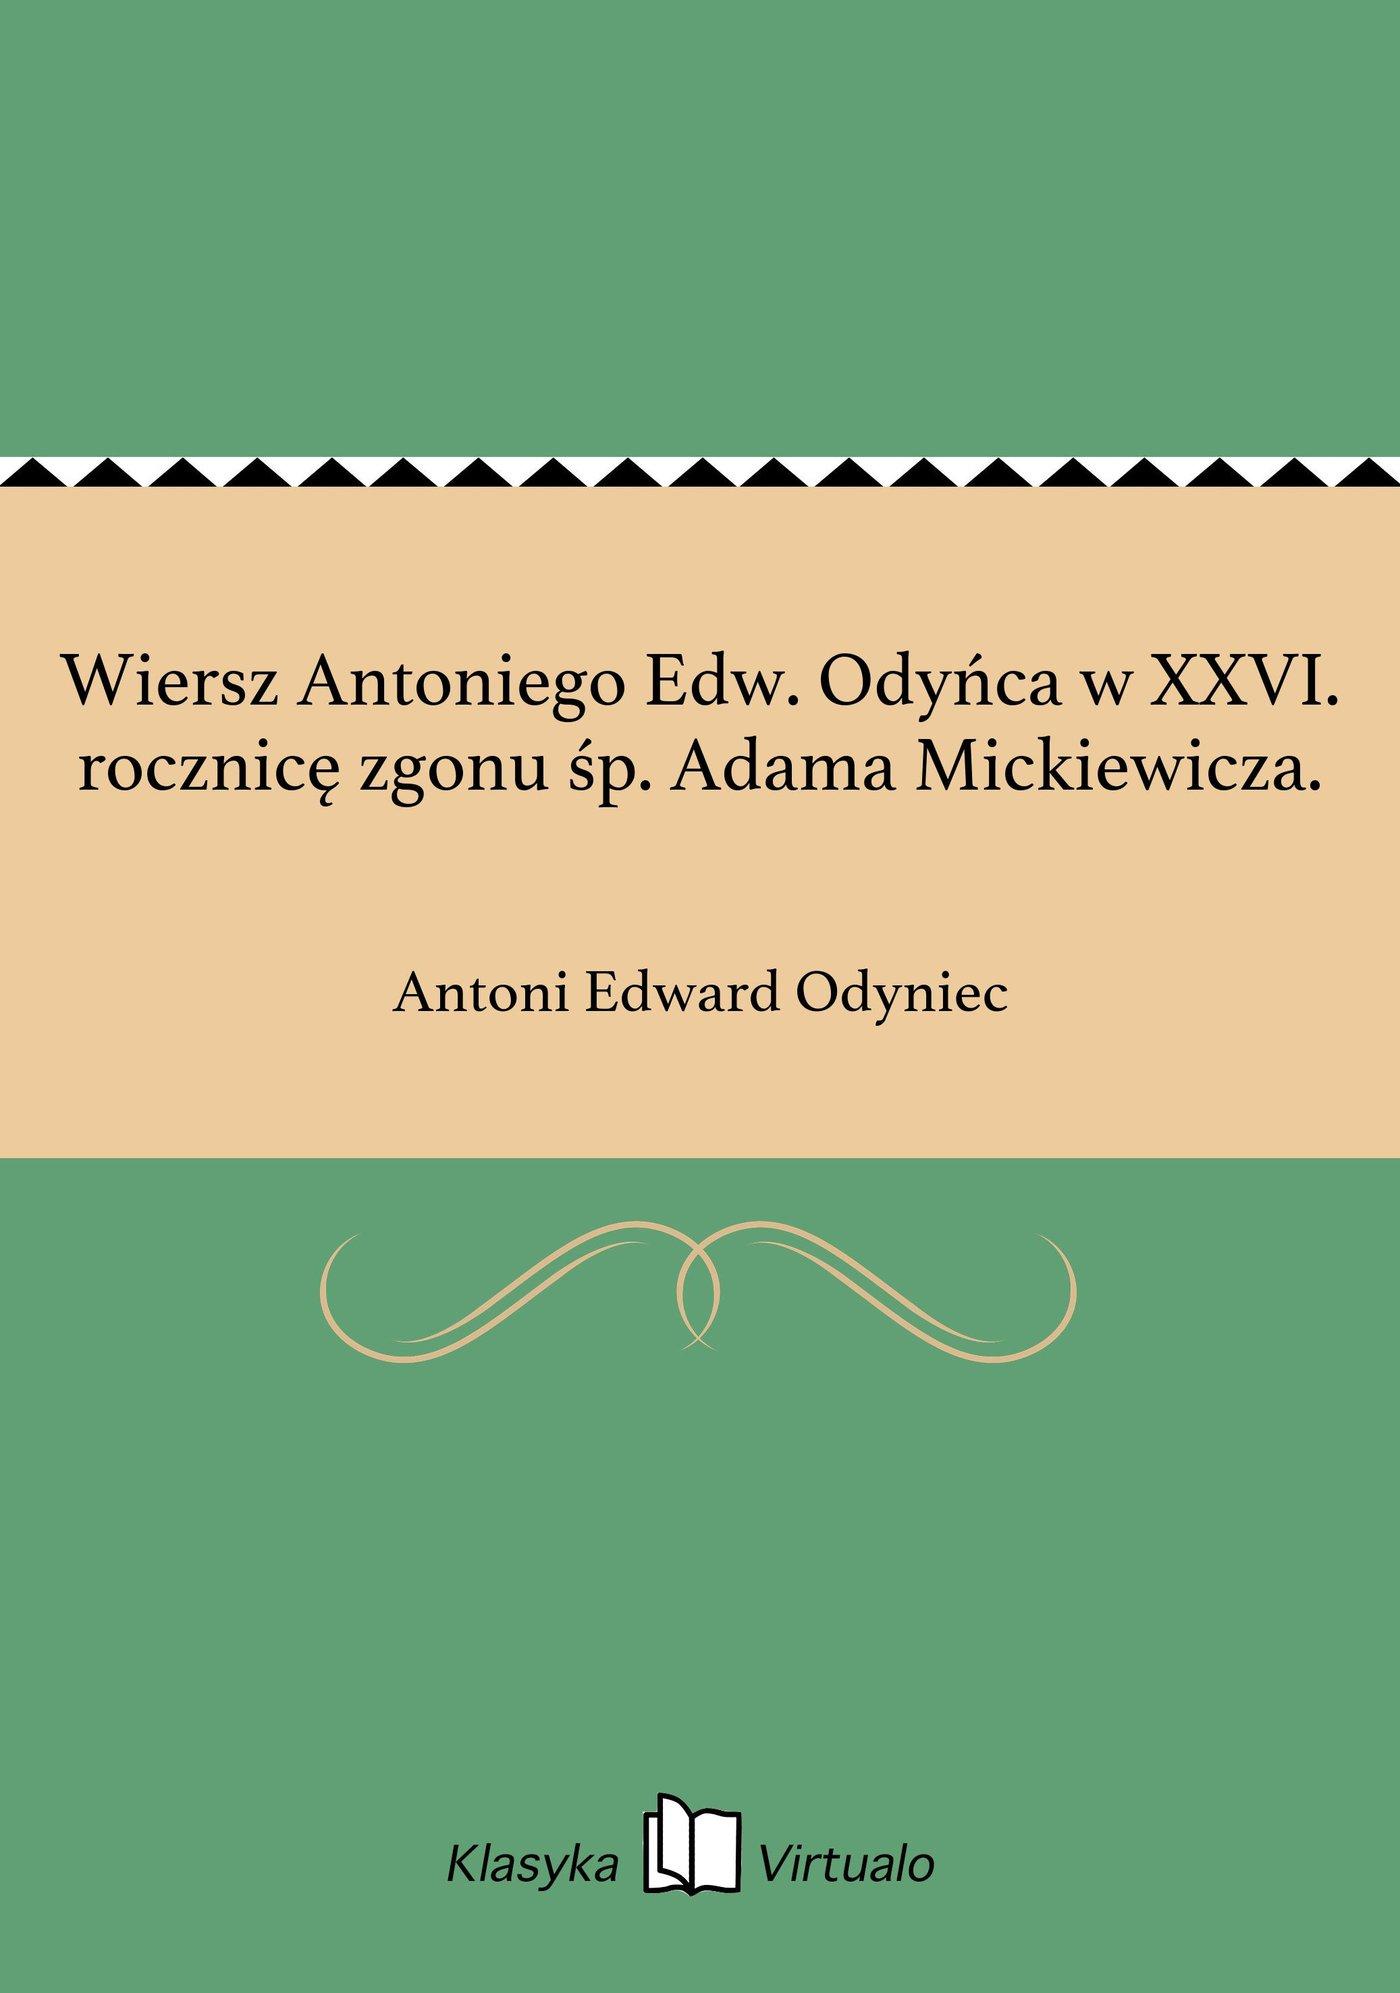 Wiersz Antoniego Edw. Odyńca w XXVI. rocznicę zgonu śp. Adama Mickiewicza. - Ebook (Książka EPUB) do pobrania w formacie EPUB